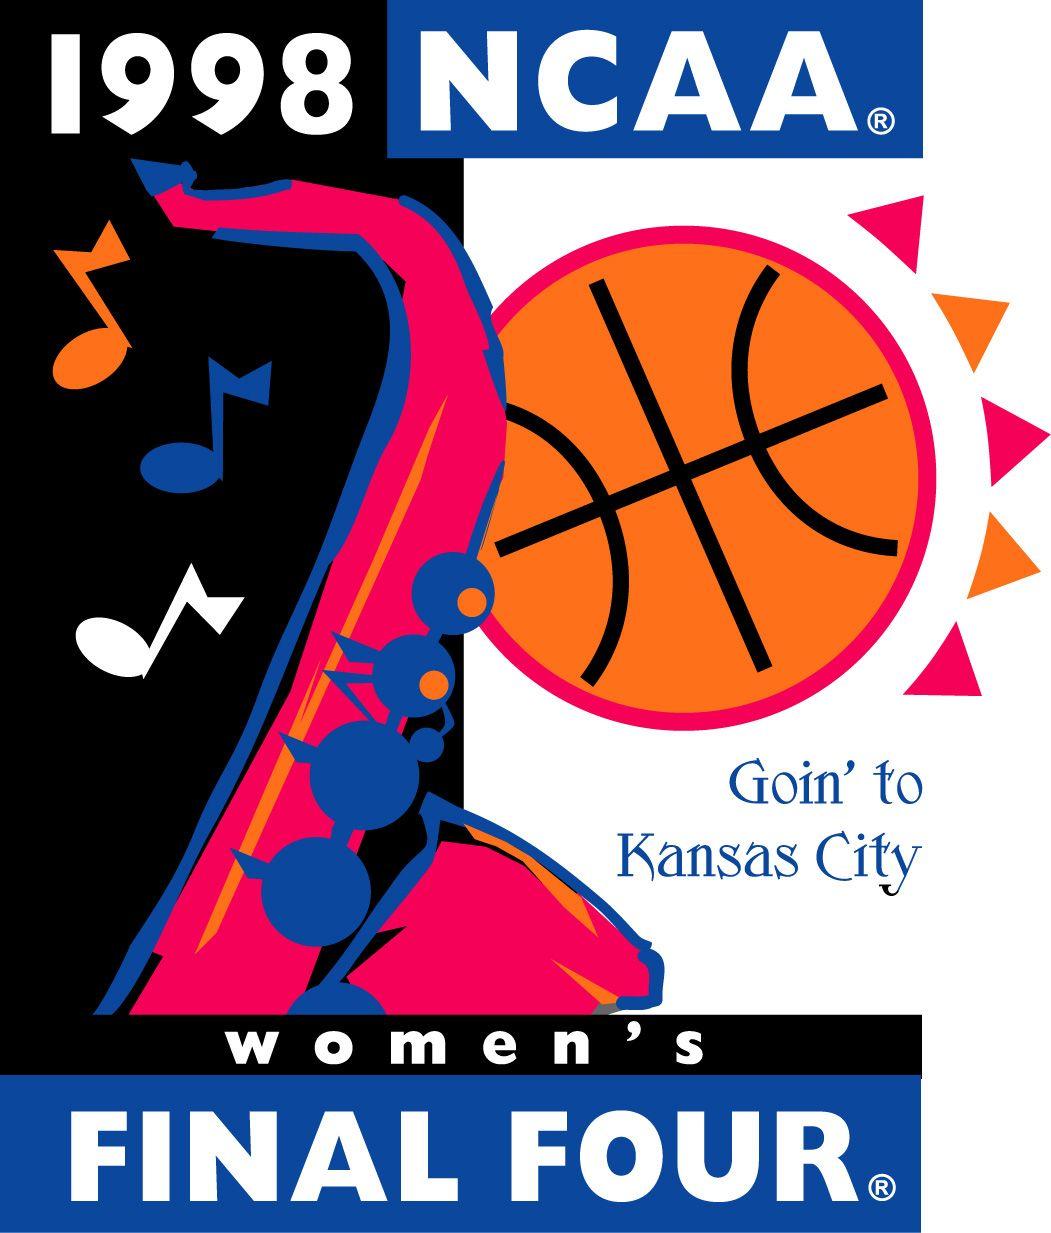 1998 NCAA Women's Basketball logo Final four, Ncaa